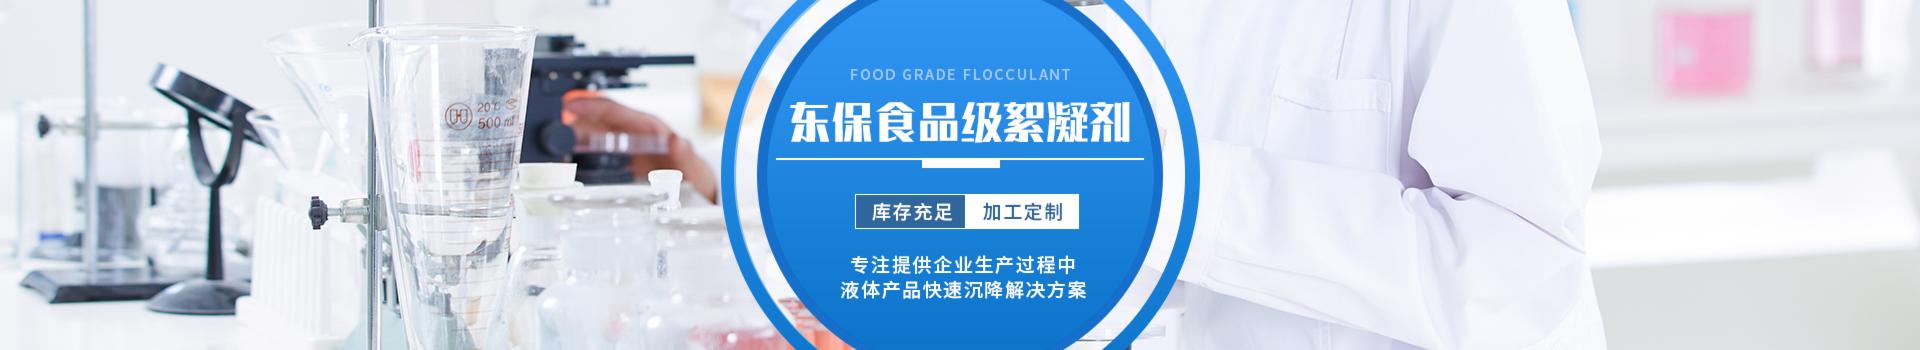 食品级絮凝剂-饮用水聚丙烯酰胺-自来水用絮凝剂-高纯聚丙烯酰胺-东保絮凝剂